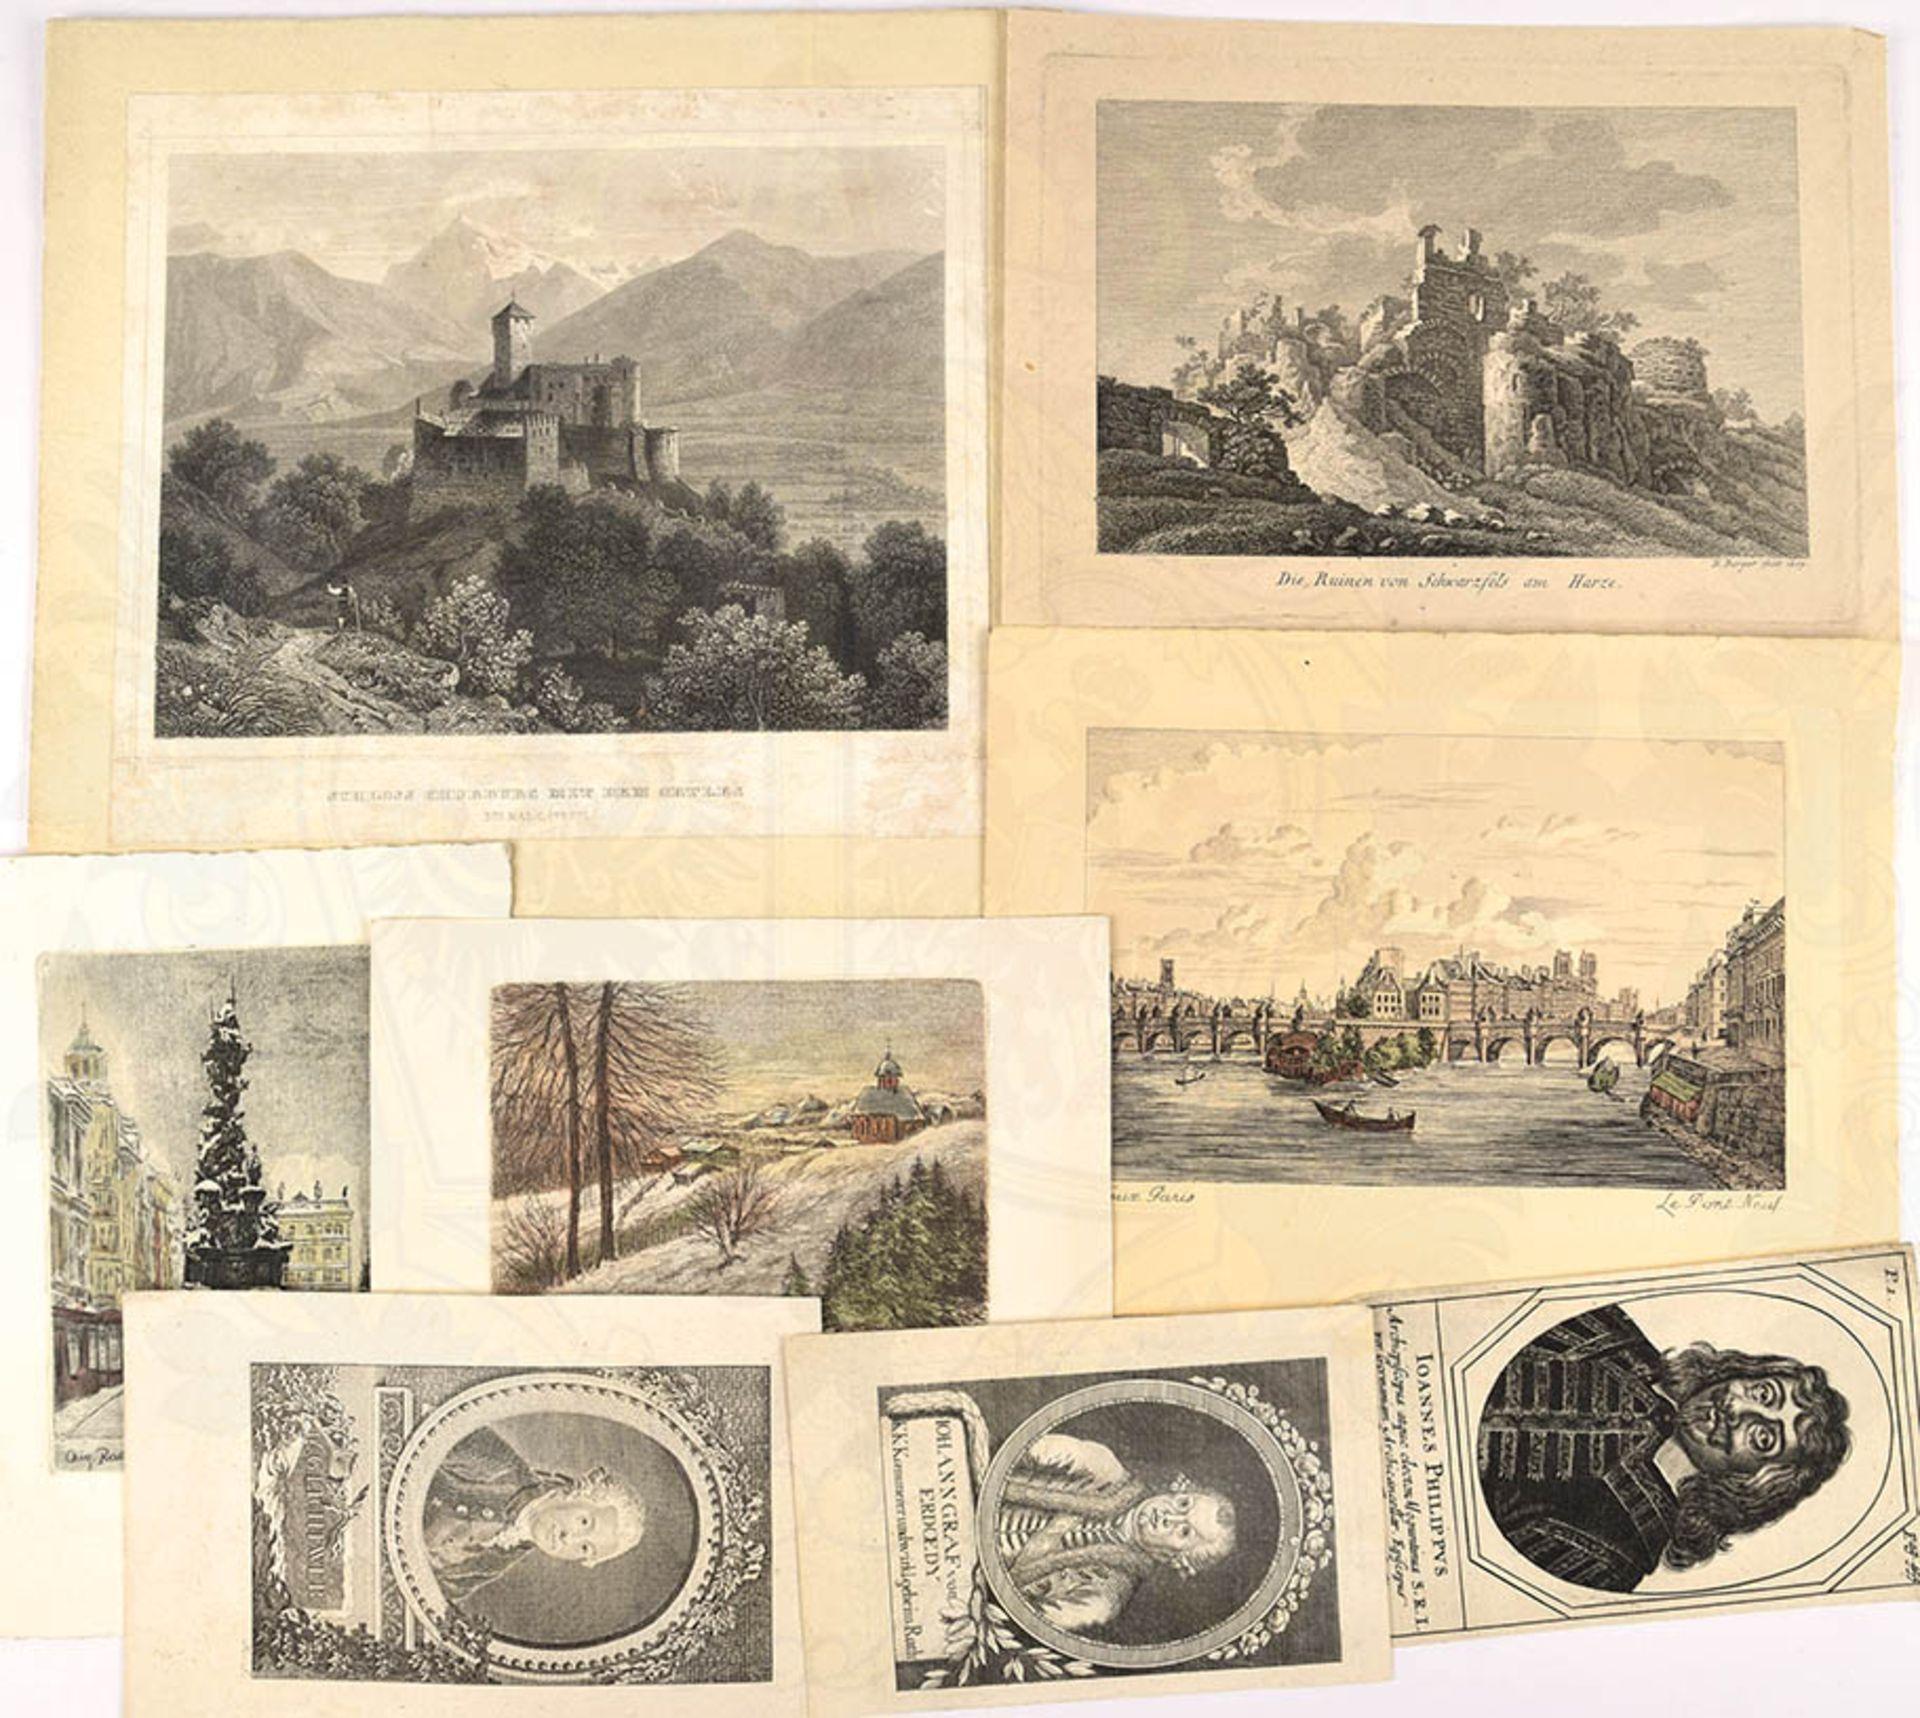 KONVOLUT, ca. 50 Radierungen, Bleistift-Zeichn. u. Stahlstiche, Portraits, Landschaften, Gebäude, - Bild 2 aus 2